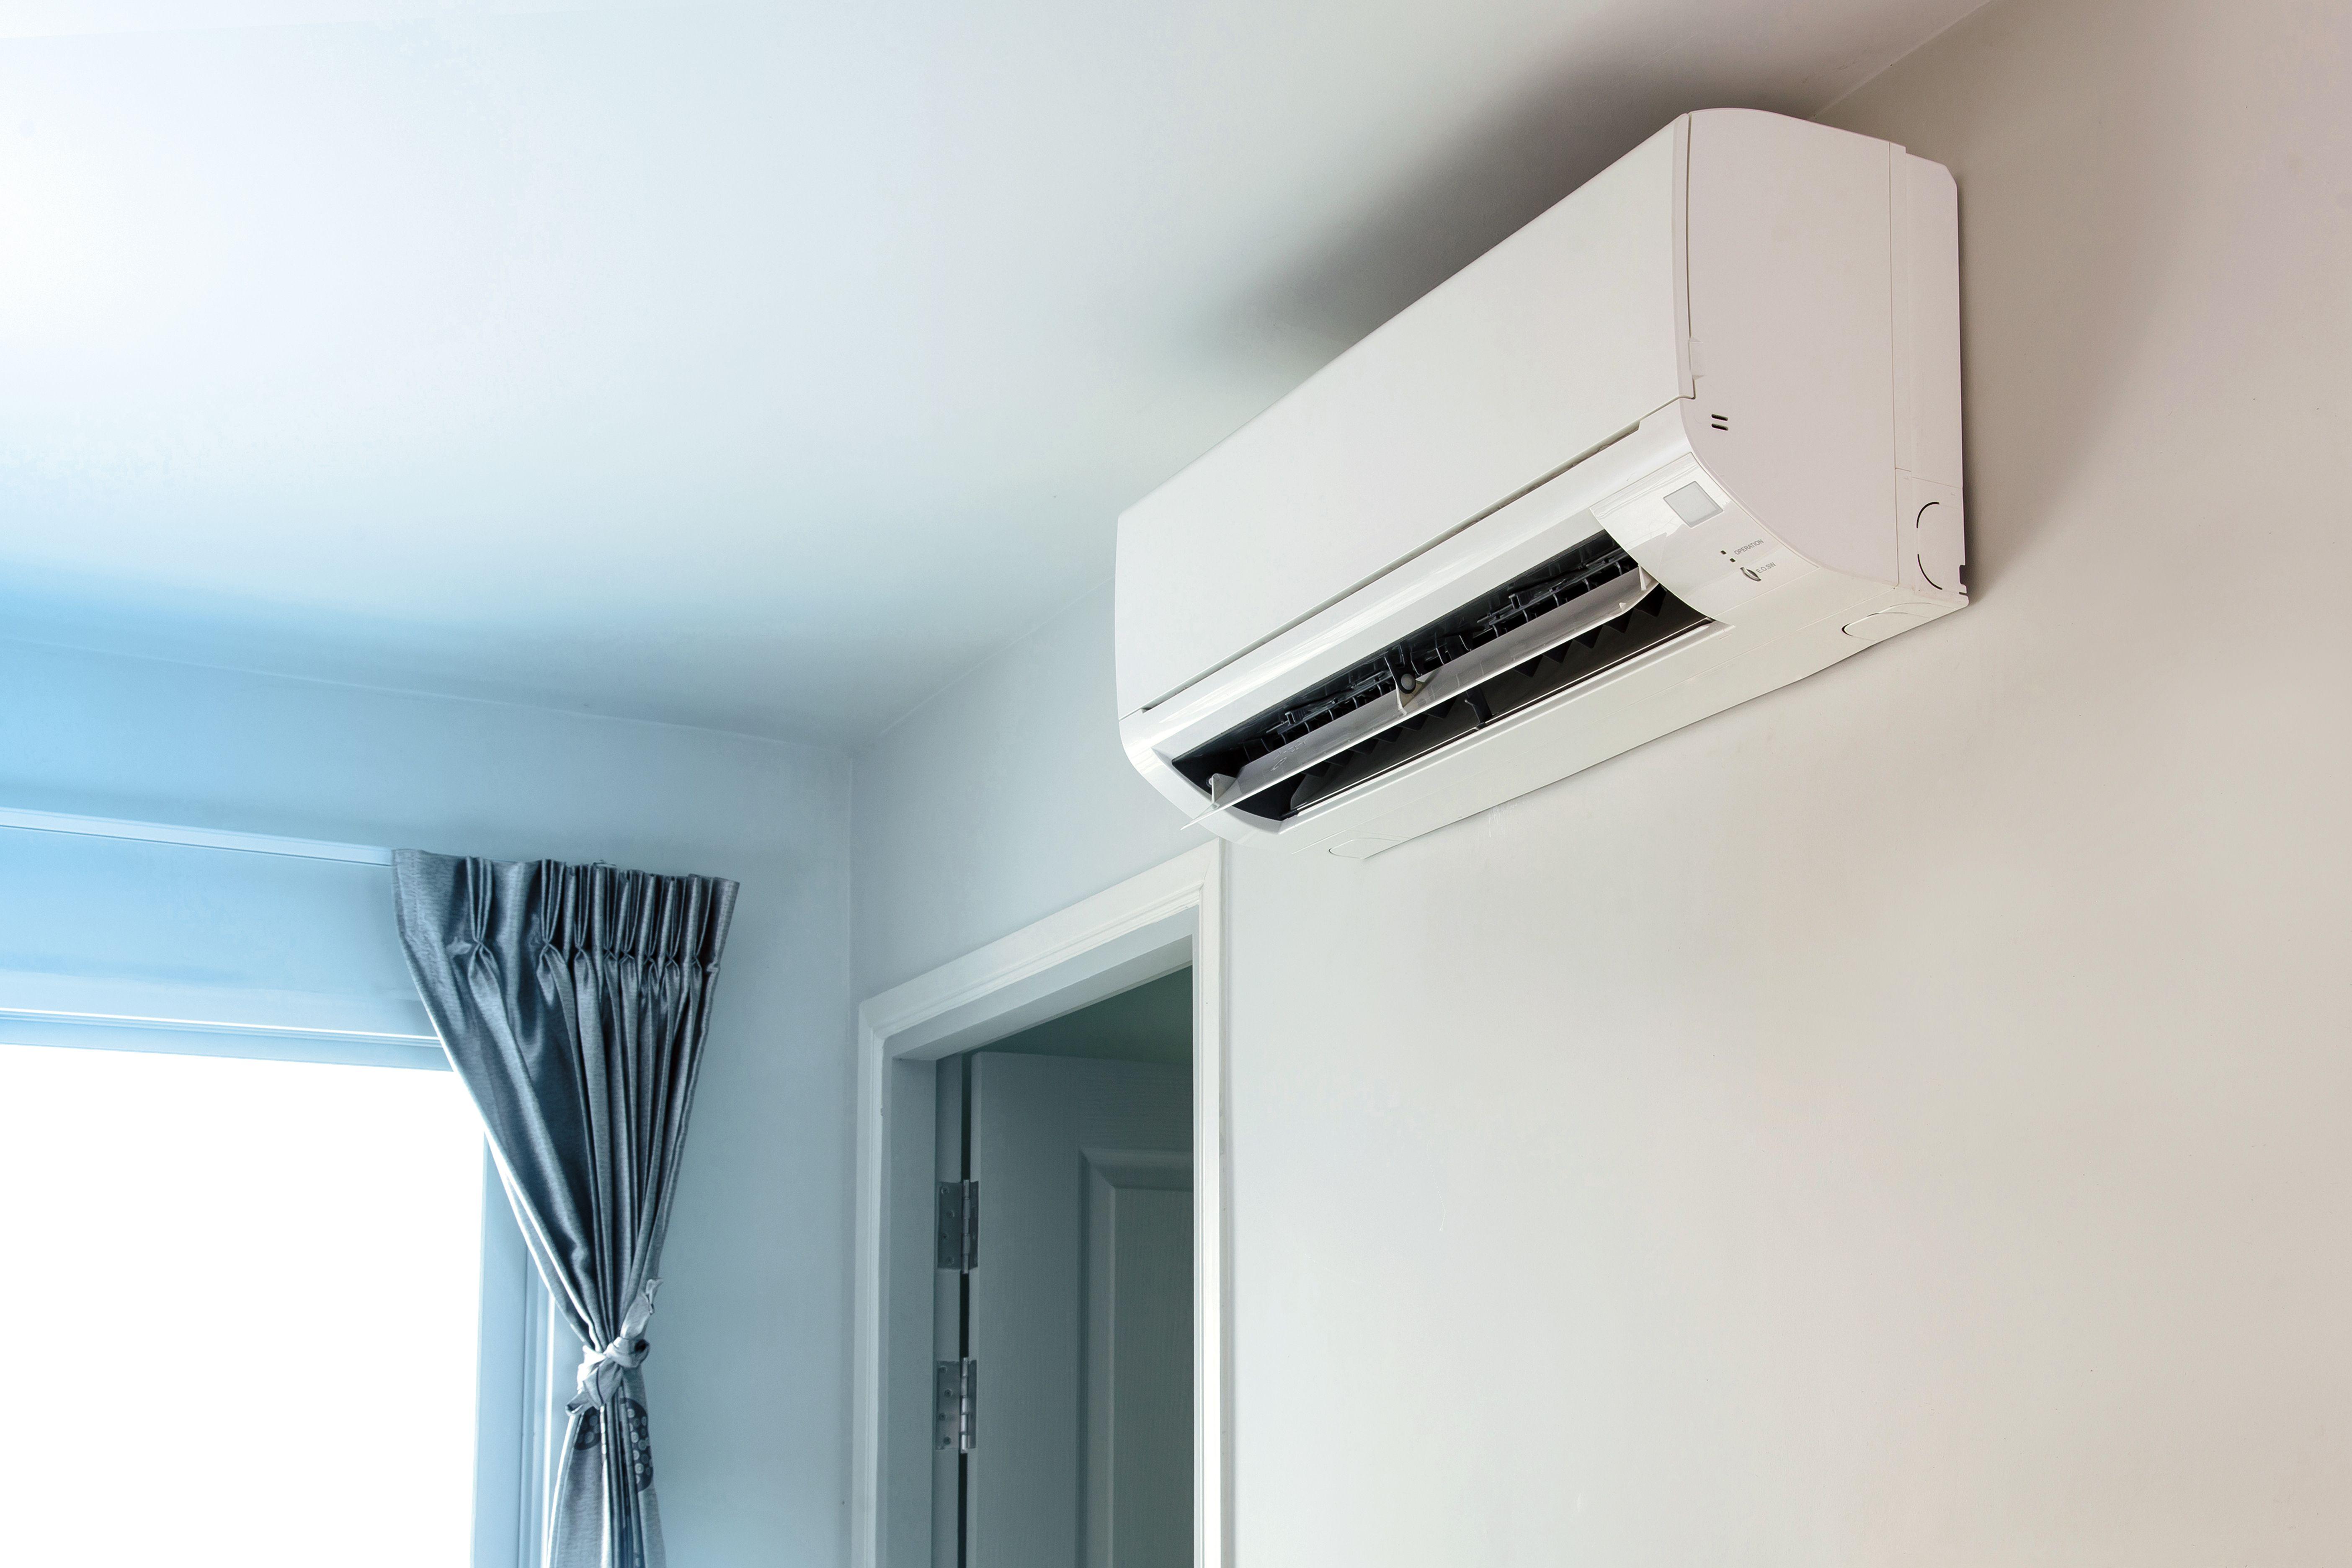 Instalación de aire acondicionado Calahorra